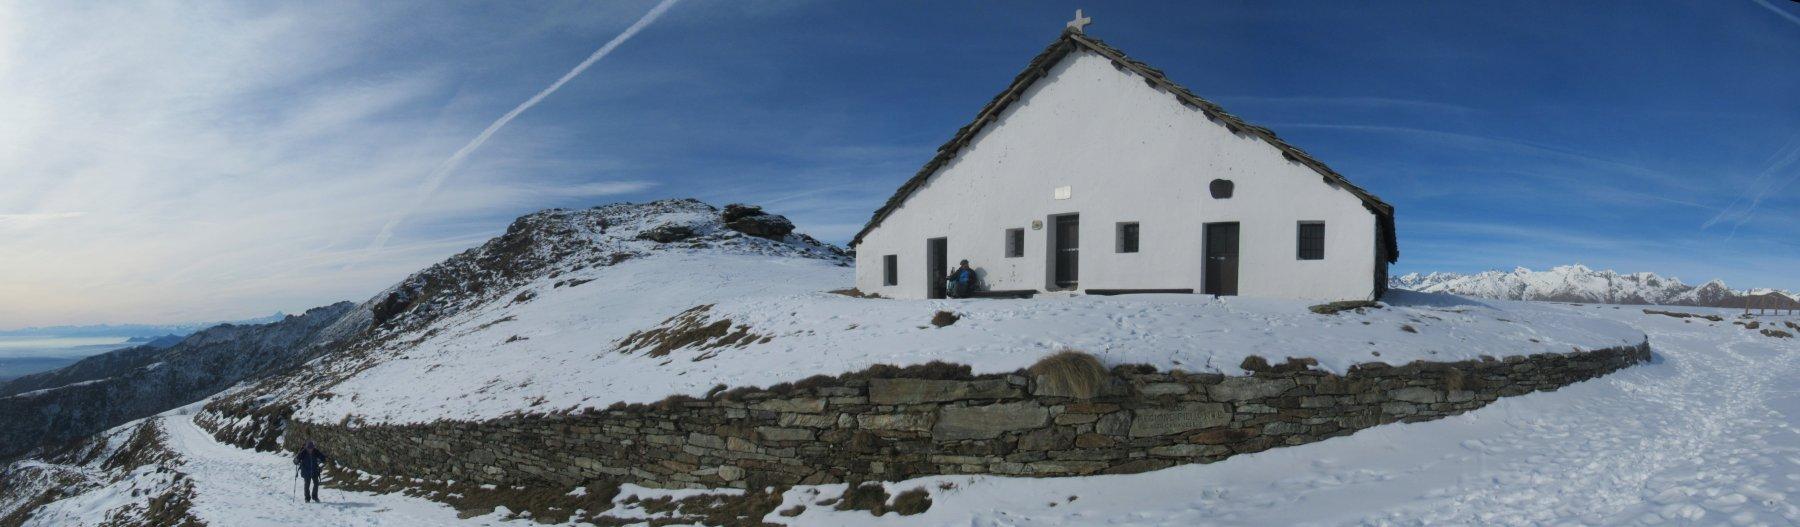 Chiesa e rifugio San Bernardo di Mares